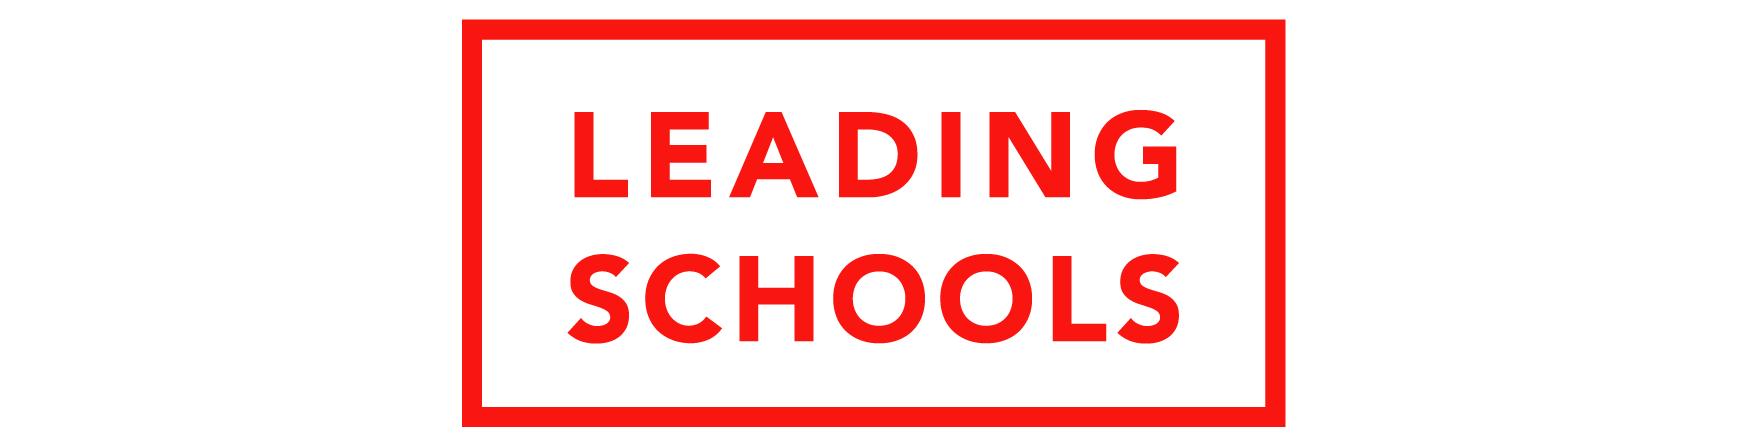 Leading Schools